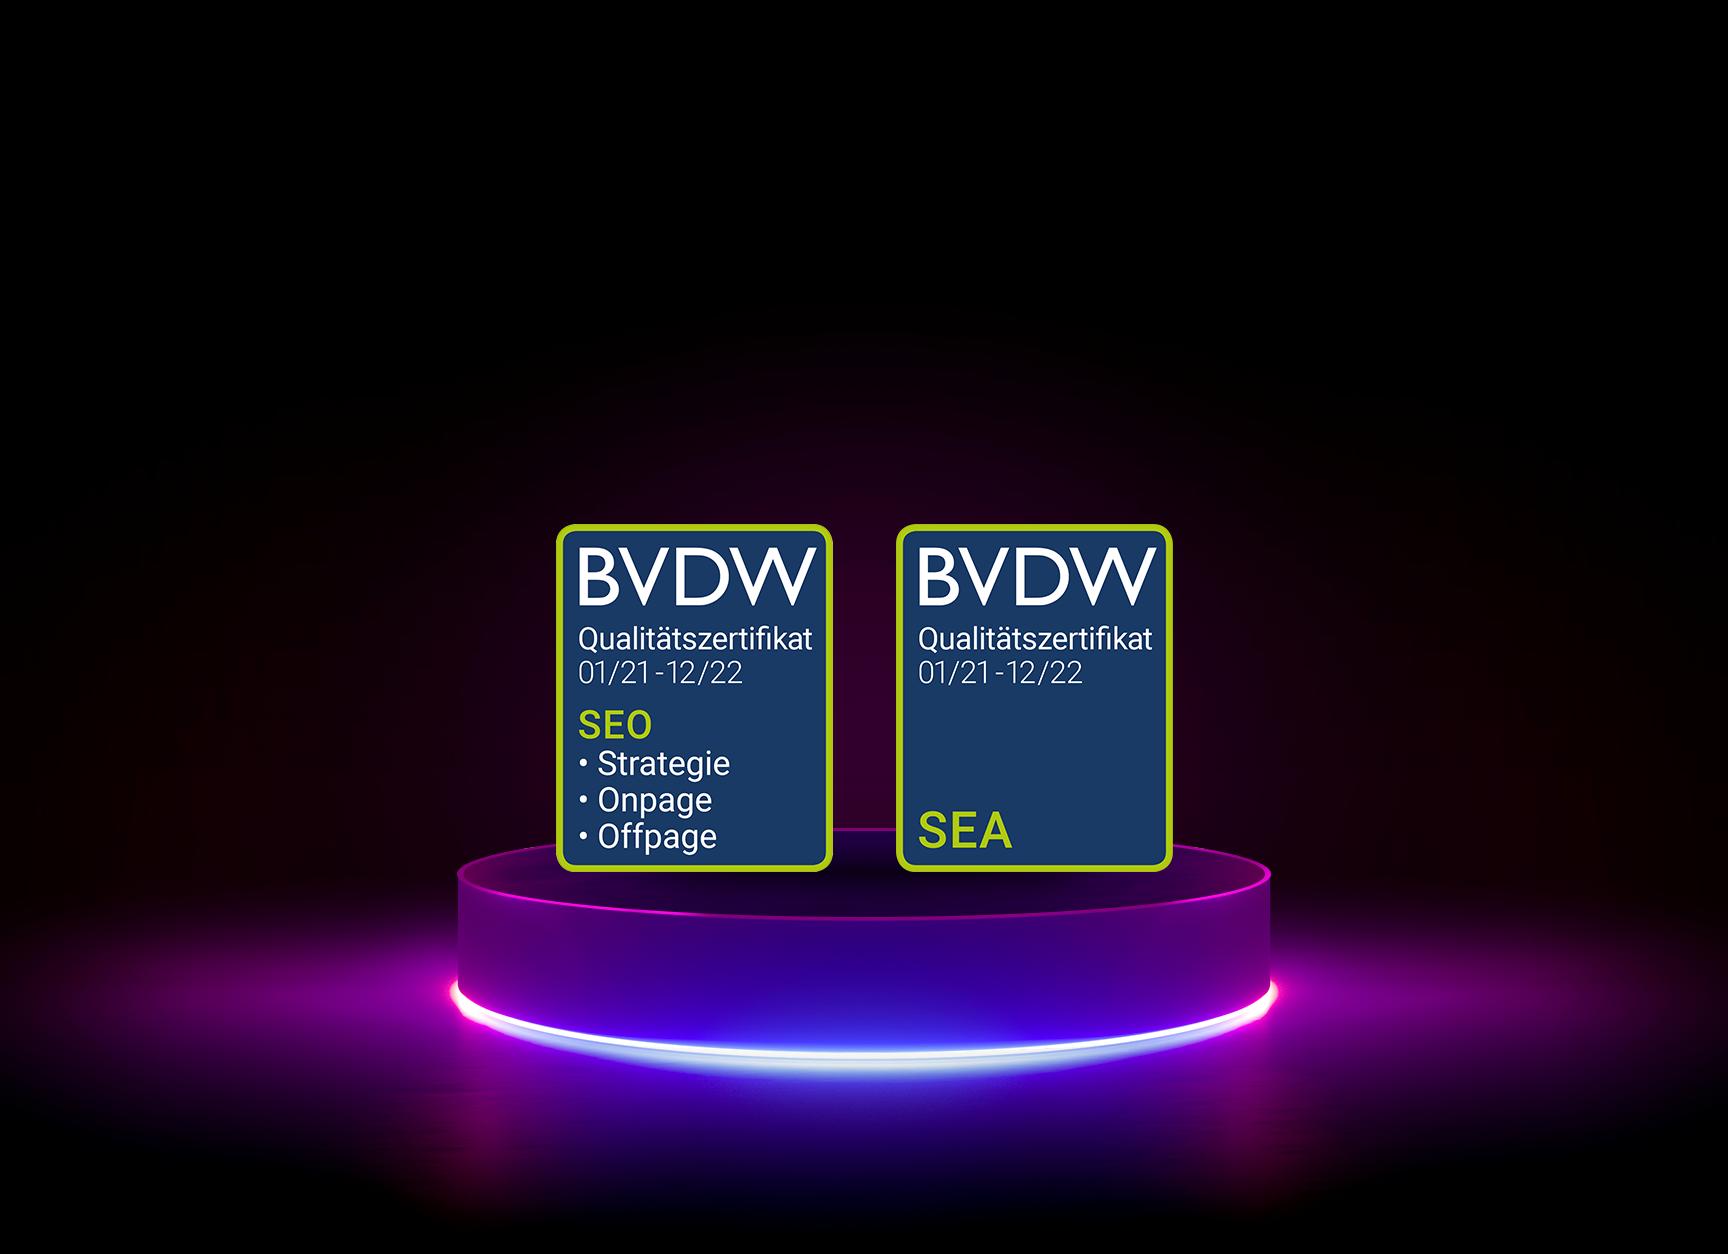 diva-e erneuert BVDW-Qualitätszertifikatein den Bereichen SEO und SEA